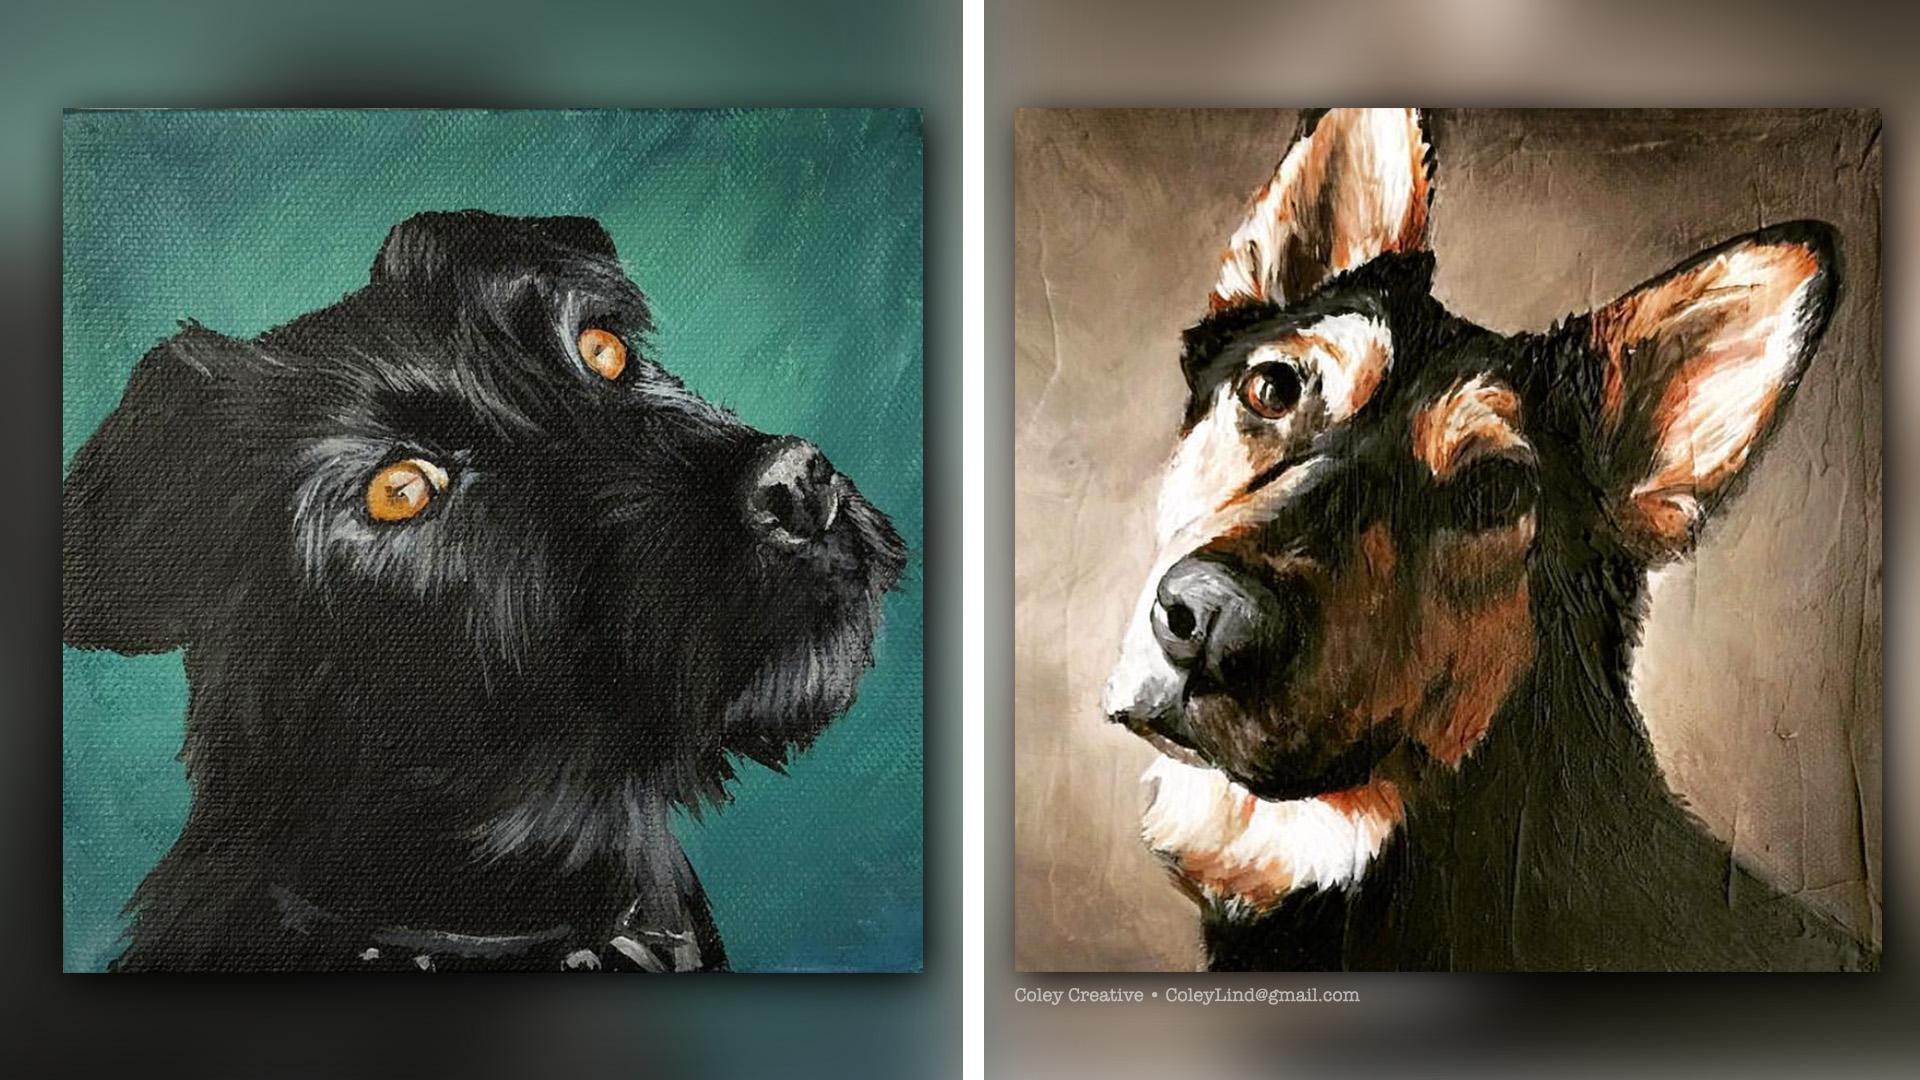 Coley Creative Pet Portrait Images.jpg